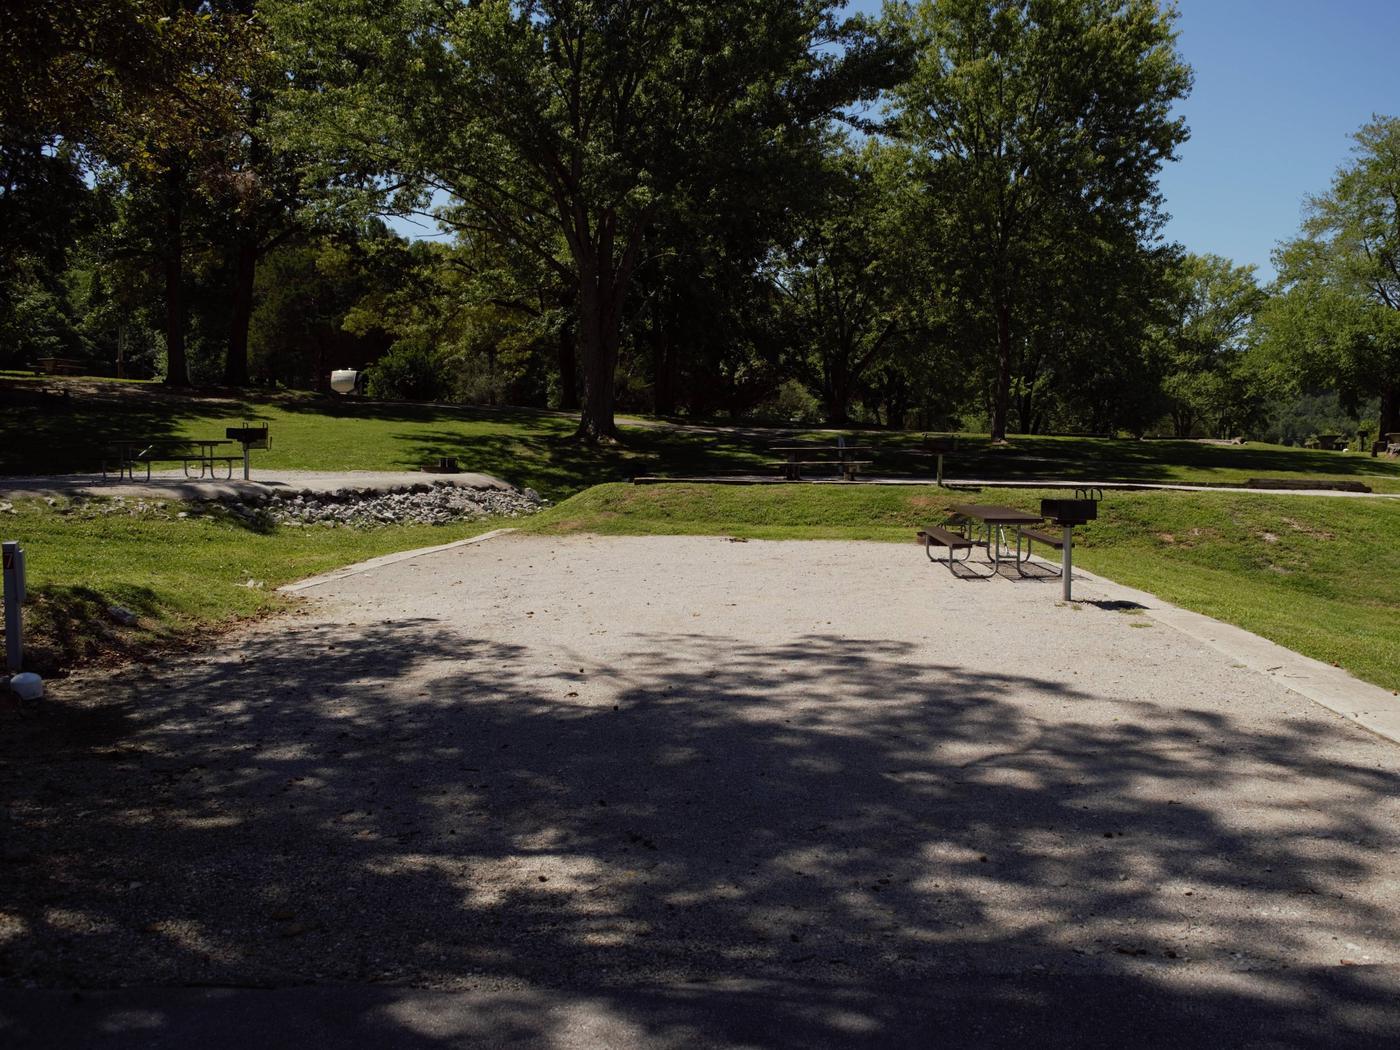 OBEY RIVER PARK SITE # 7